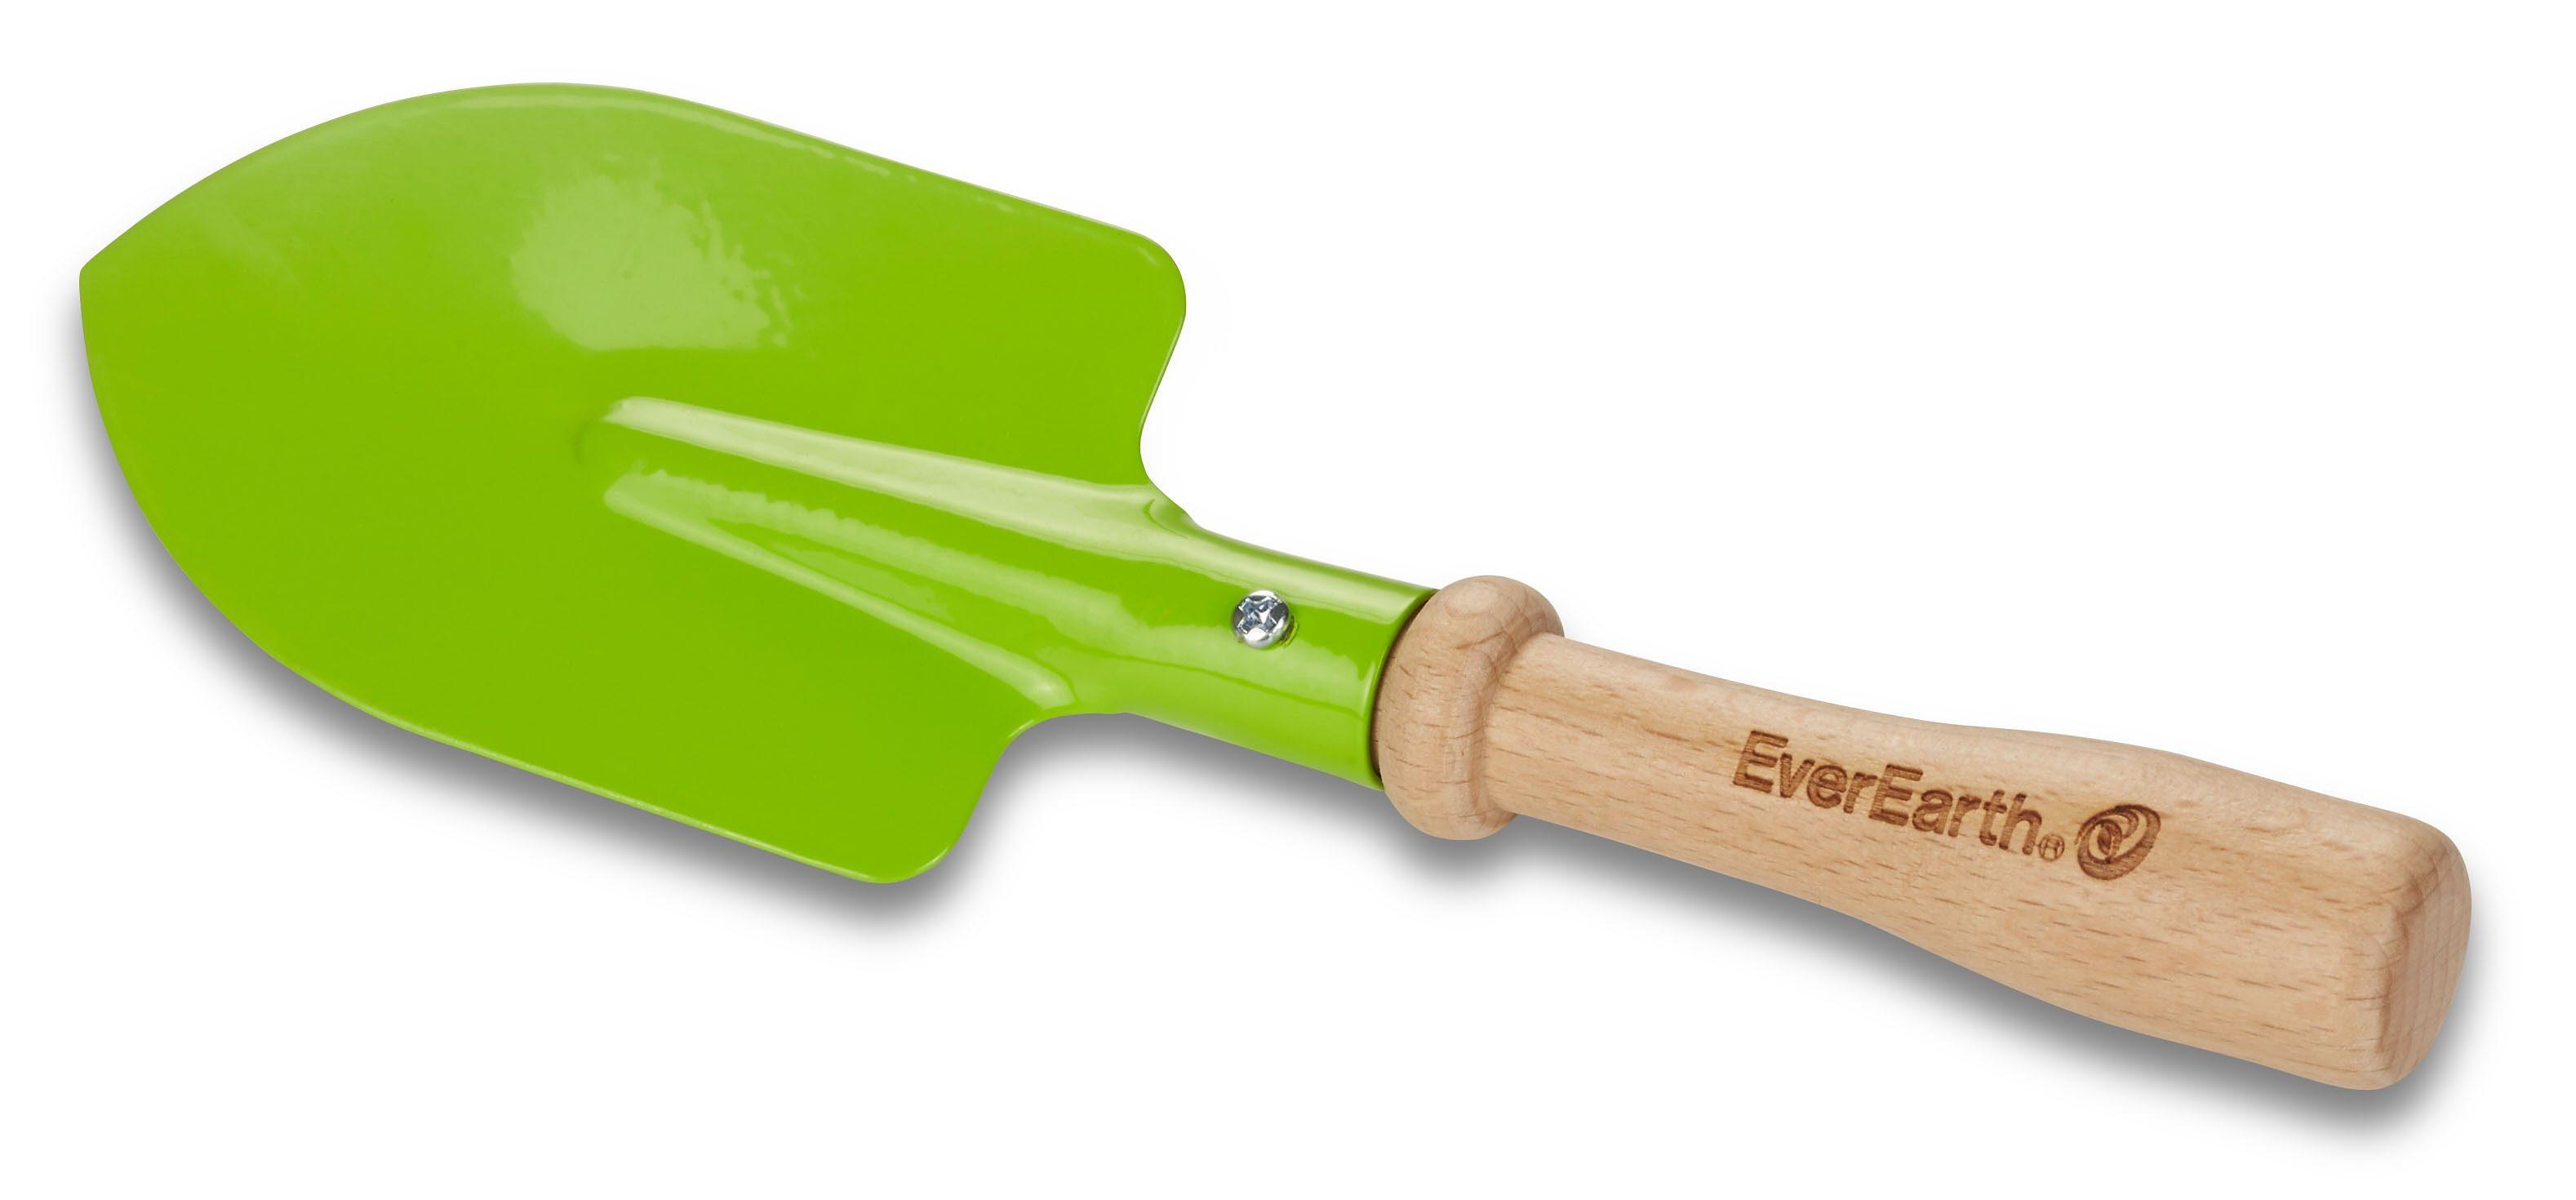 EverEarth® Kinder-Handspaten mit Griff aus Holz